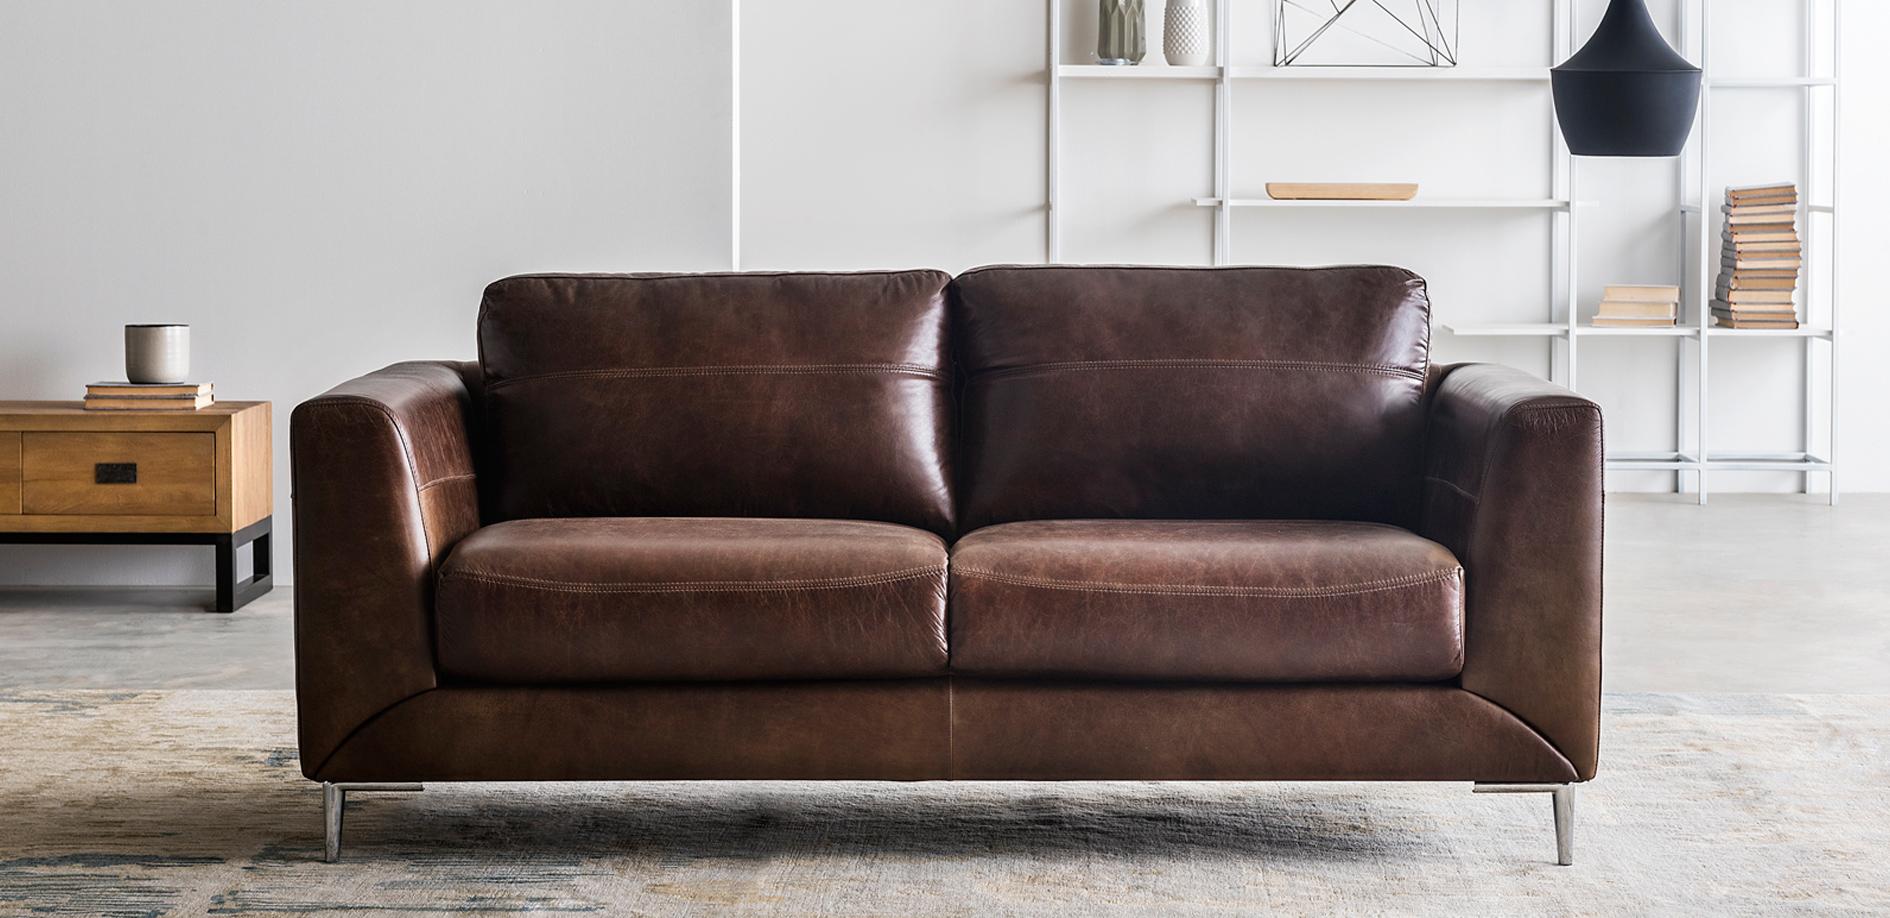 Sillones Para Sala Bodega De Muebles Centros De Entretenimiento  # Muebles Y Sofas